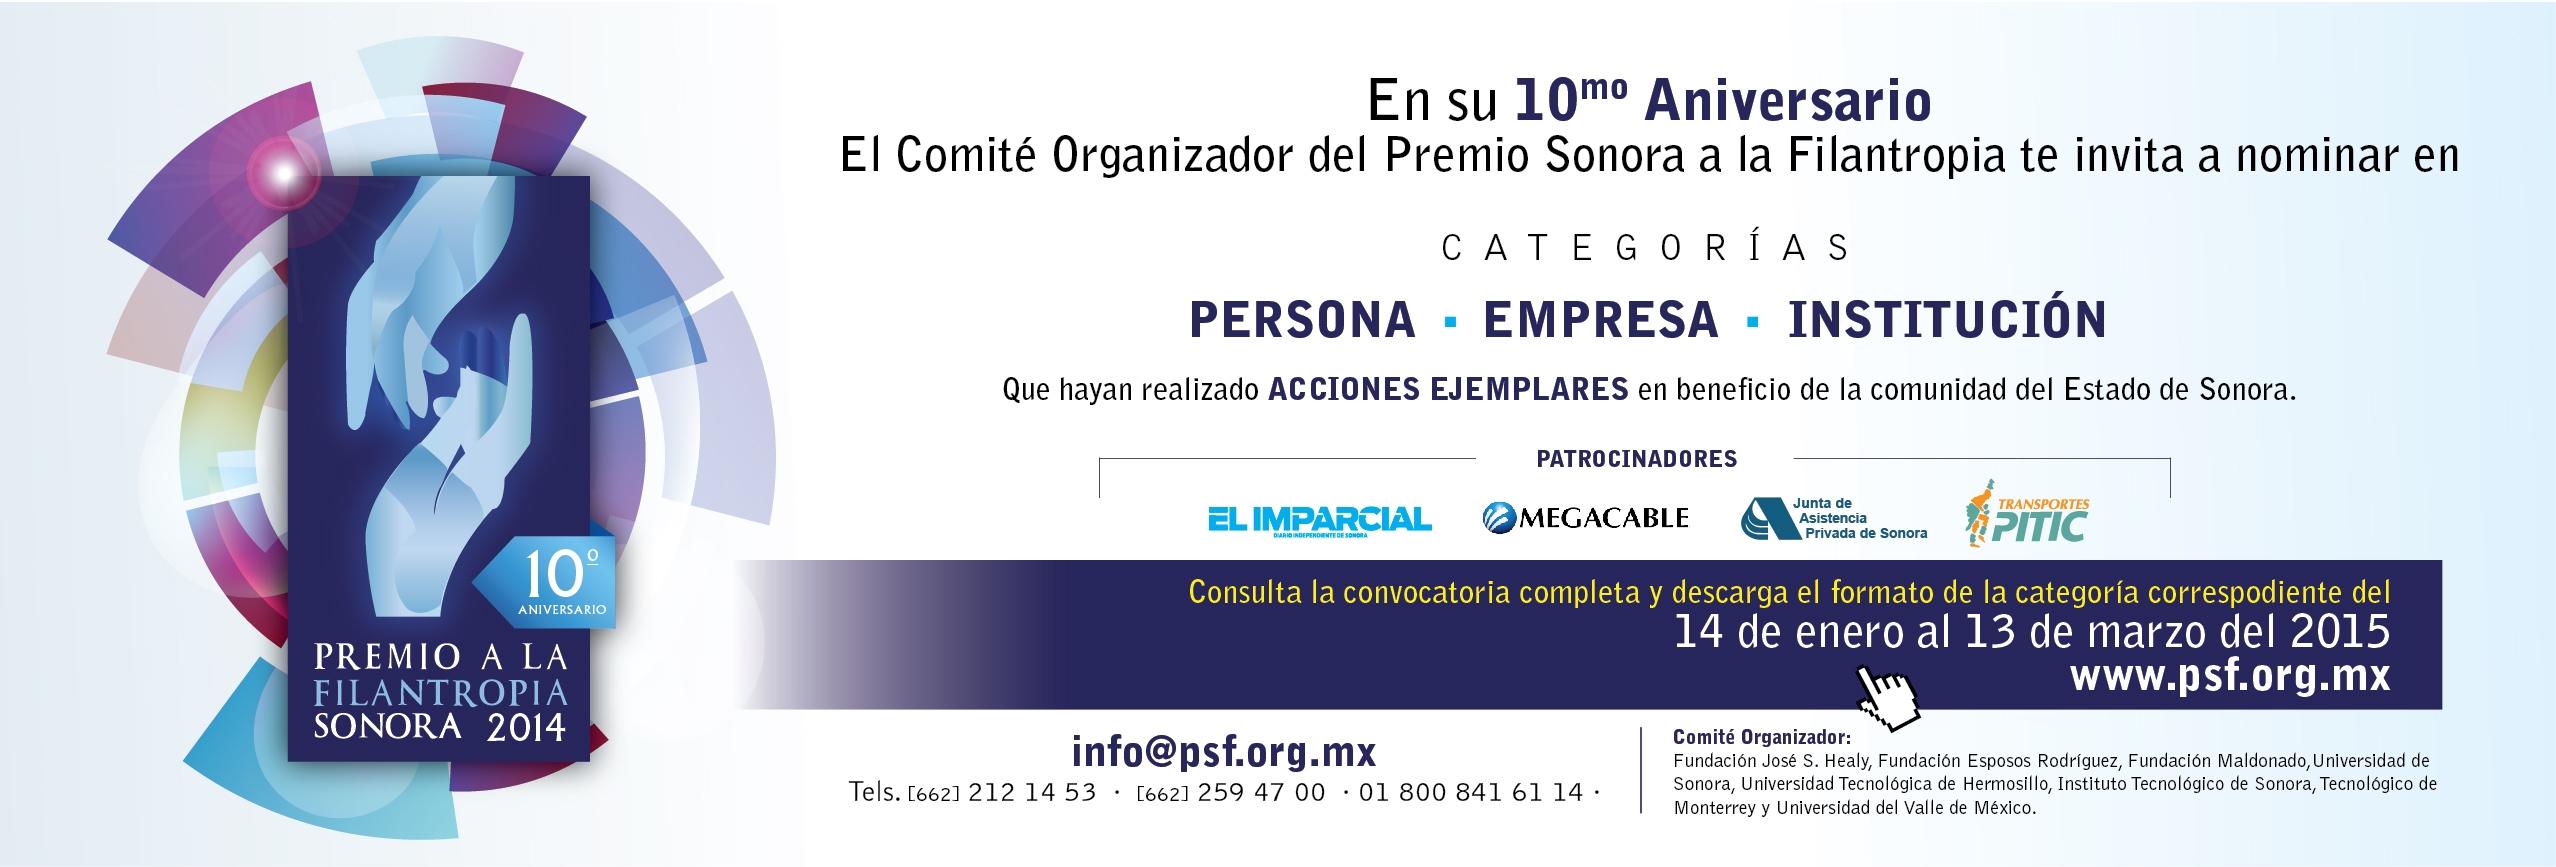 feature premio filantropia